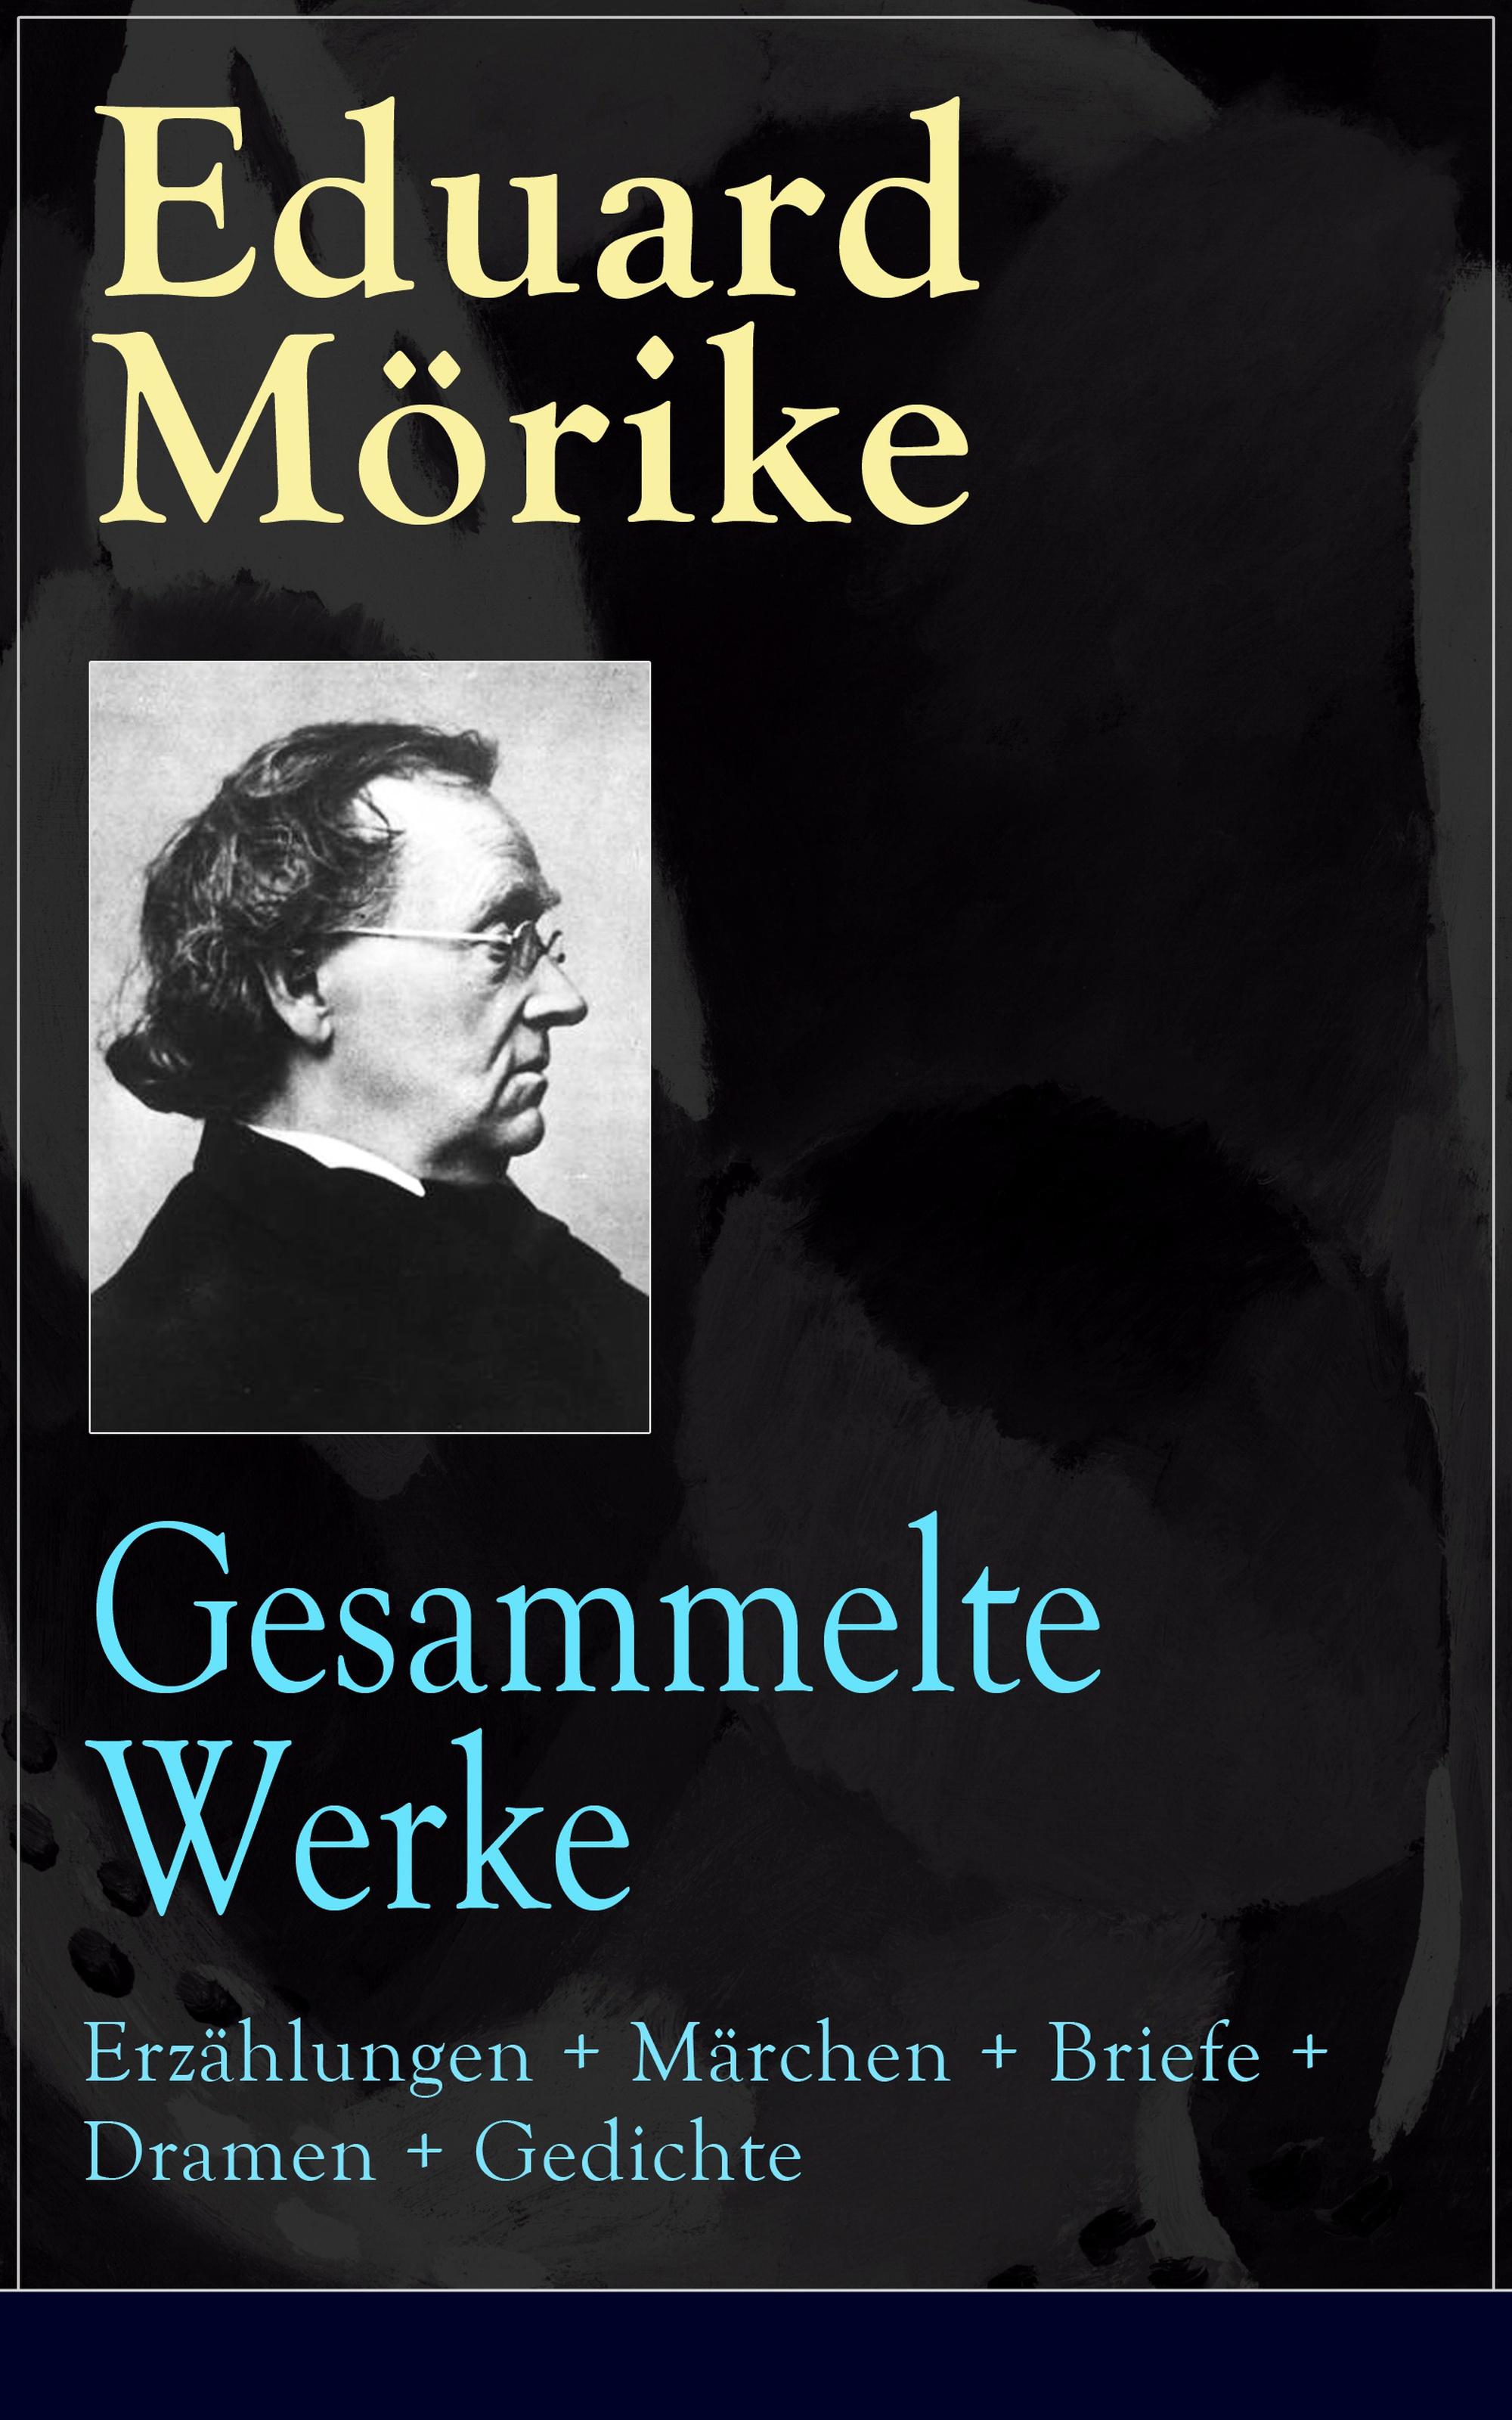 Eduard Morike Gesammelte Werke: Erzählungen + Märchen + Briefe + Dramen + Gedichte oskar panizza gesammelte werke erzählungen psychologische schriften philosophische werke dramen gedichte autobiografie